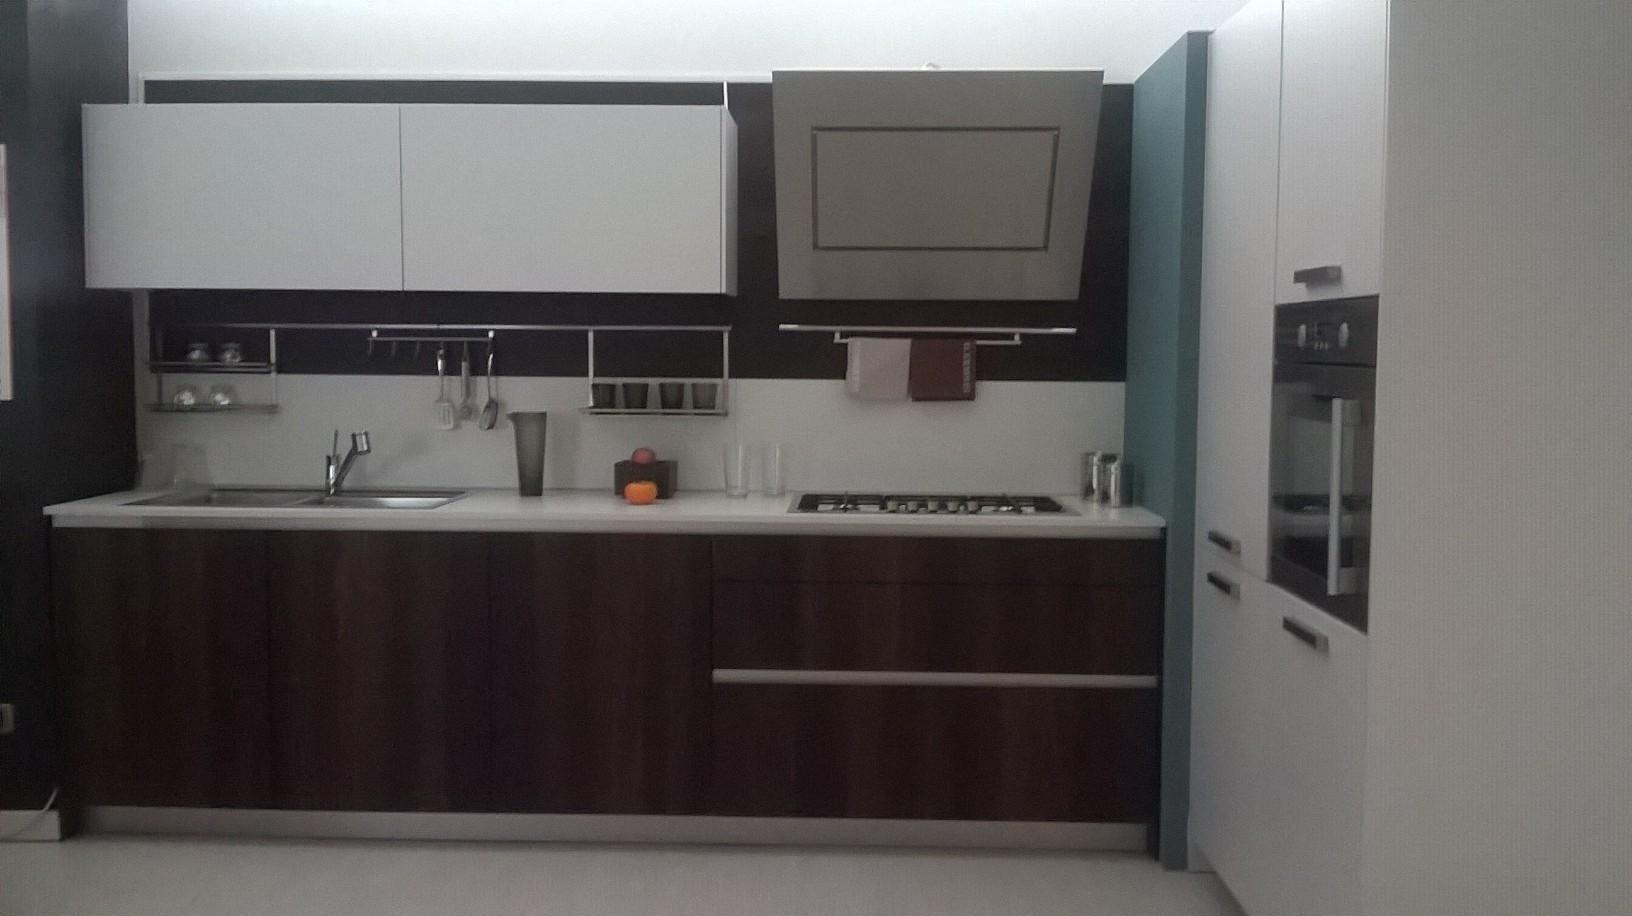 Cucina snaidero way design legno bianca cucine a prezzi scontati - Prezzi cucine snaidero ...